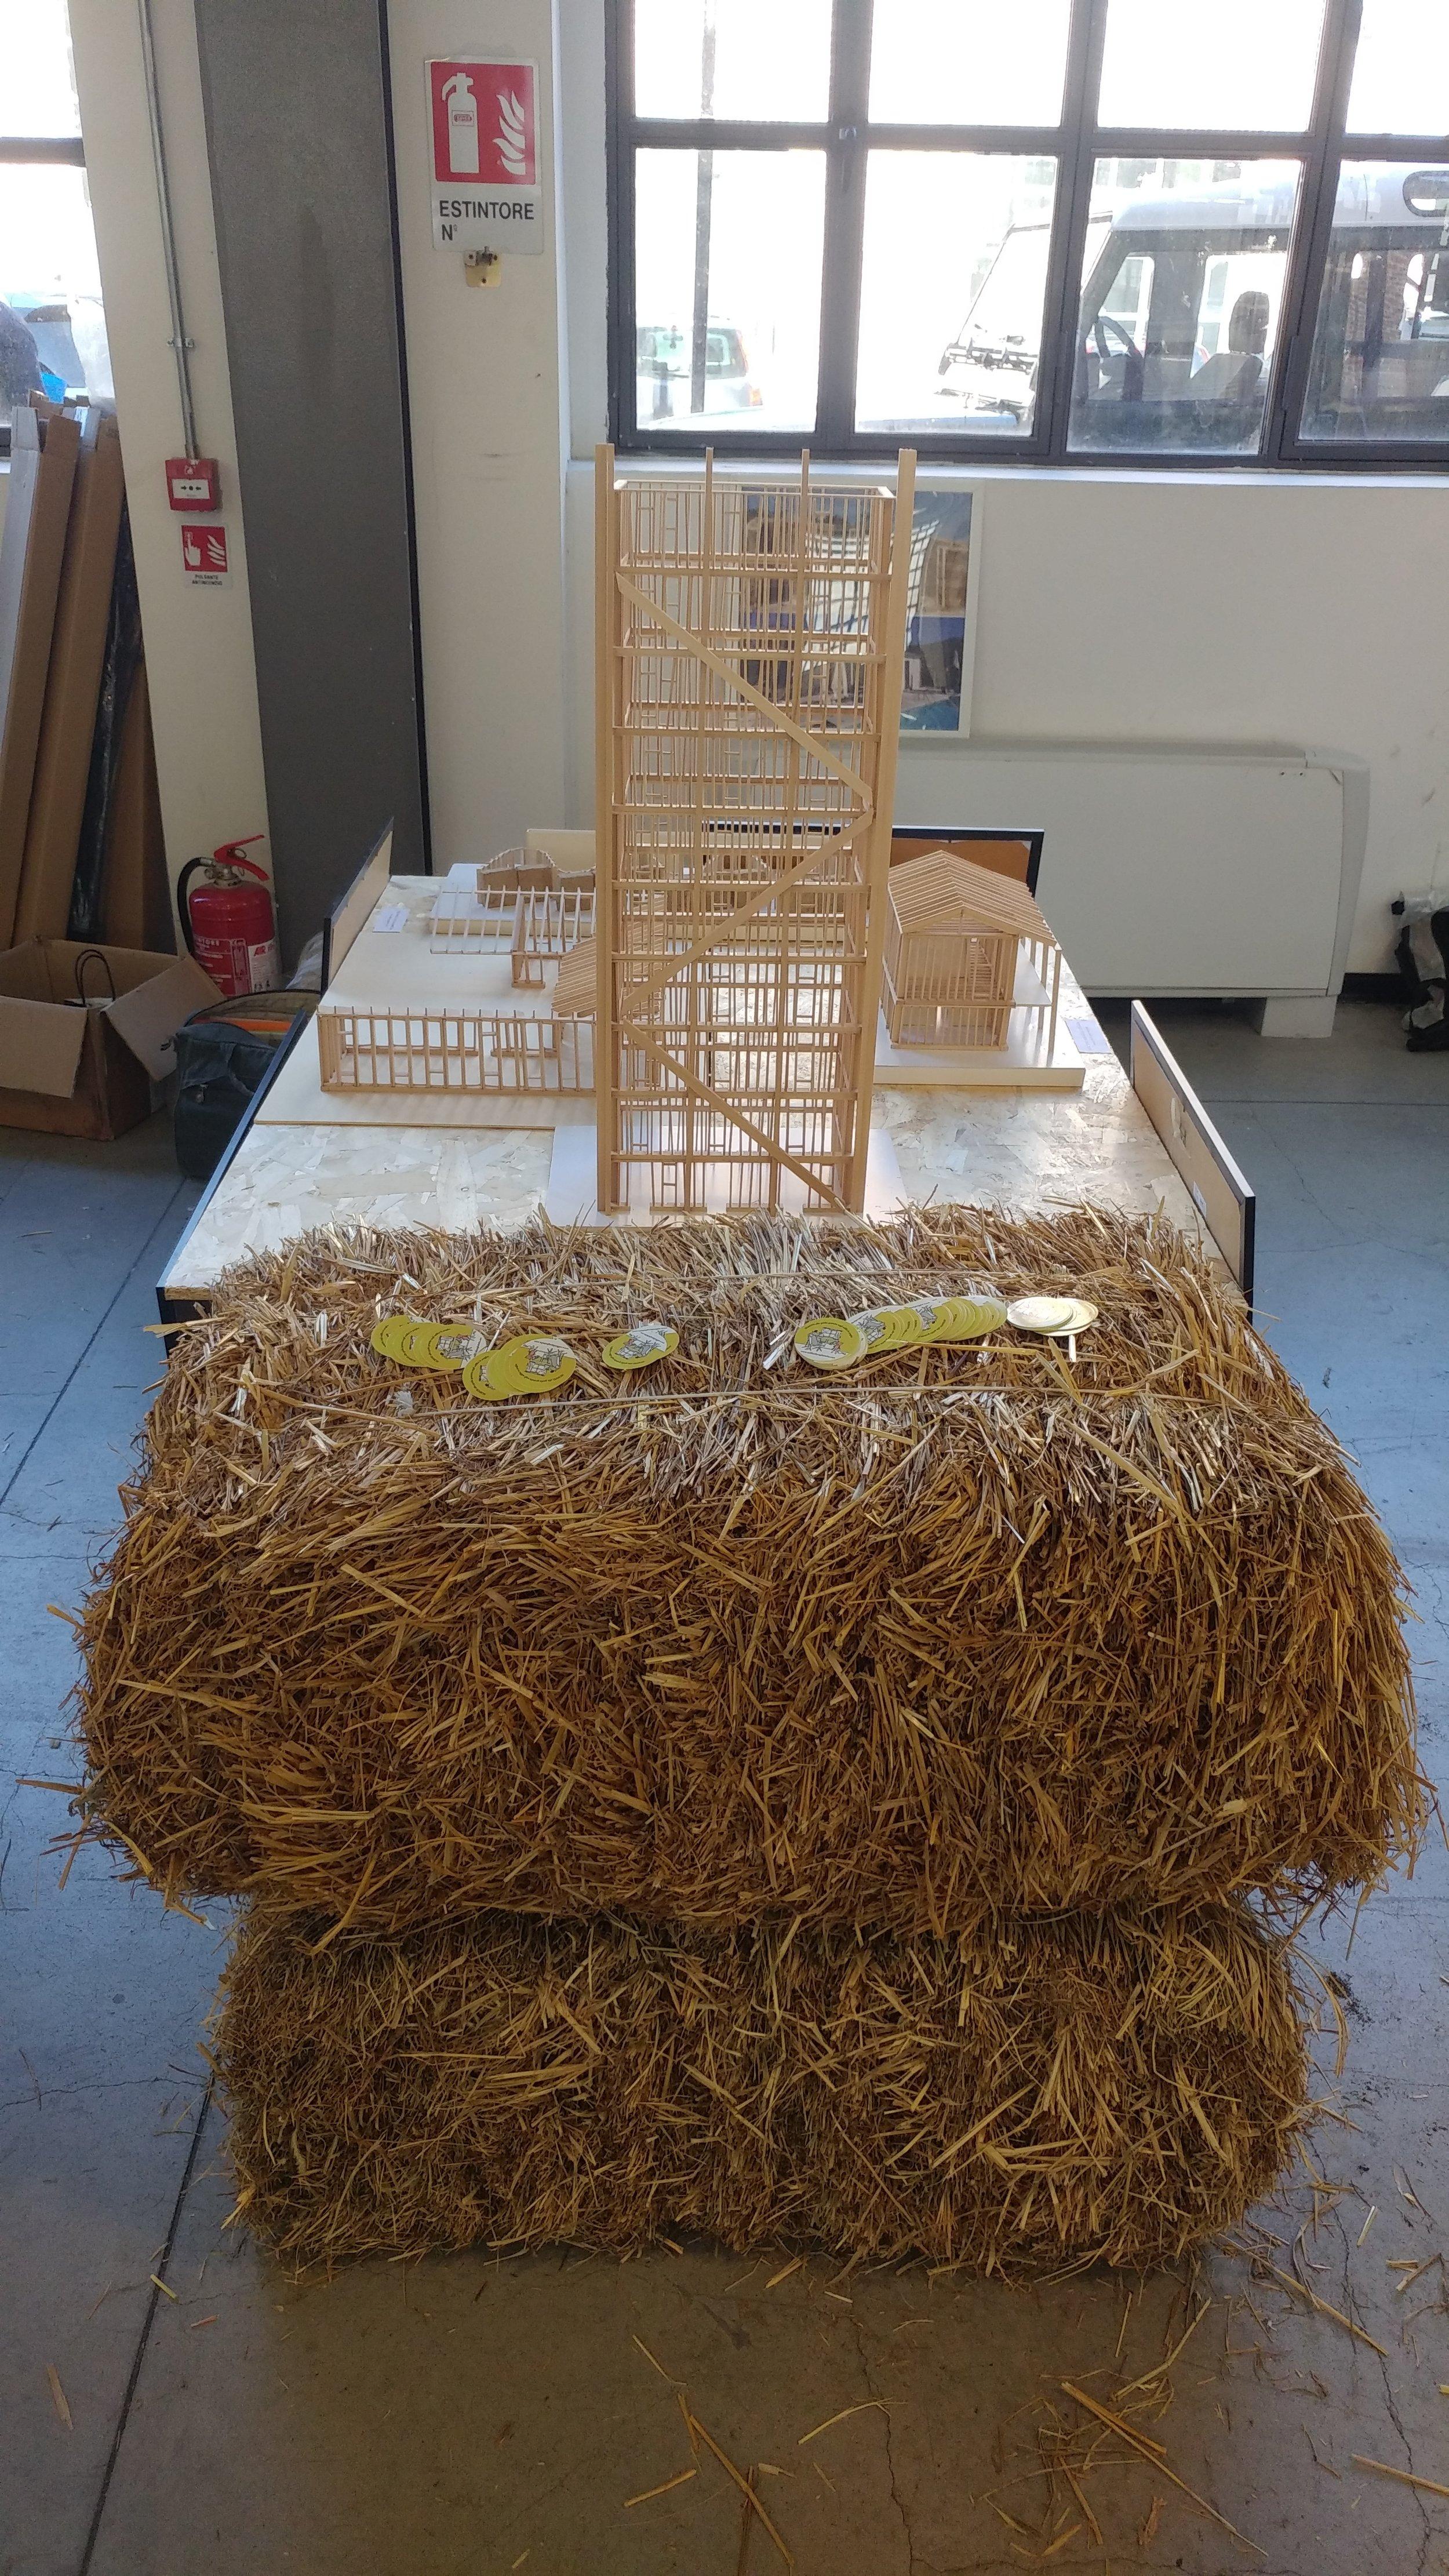 Balle di paglia: la materia prima per costruire gli edifici sostenibili del futuro